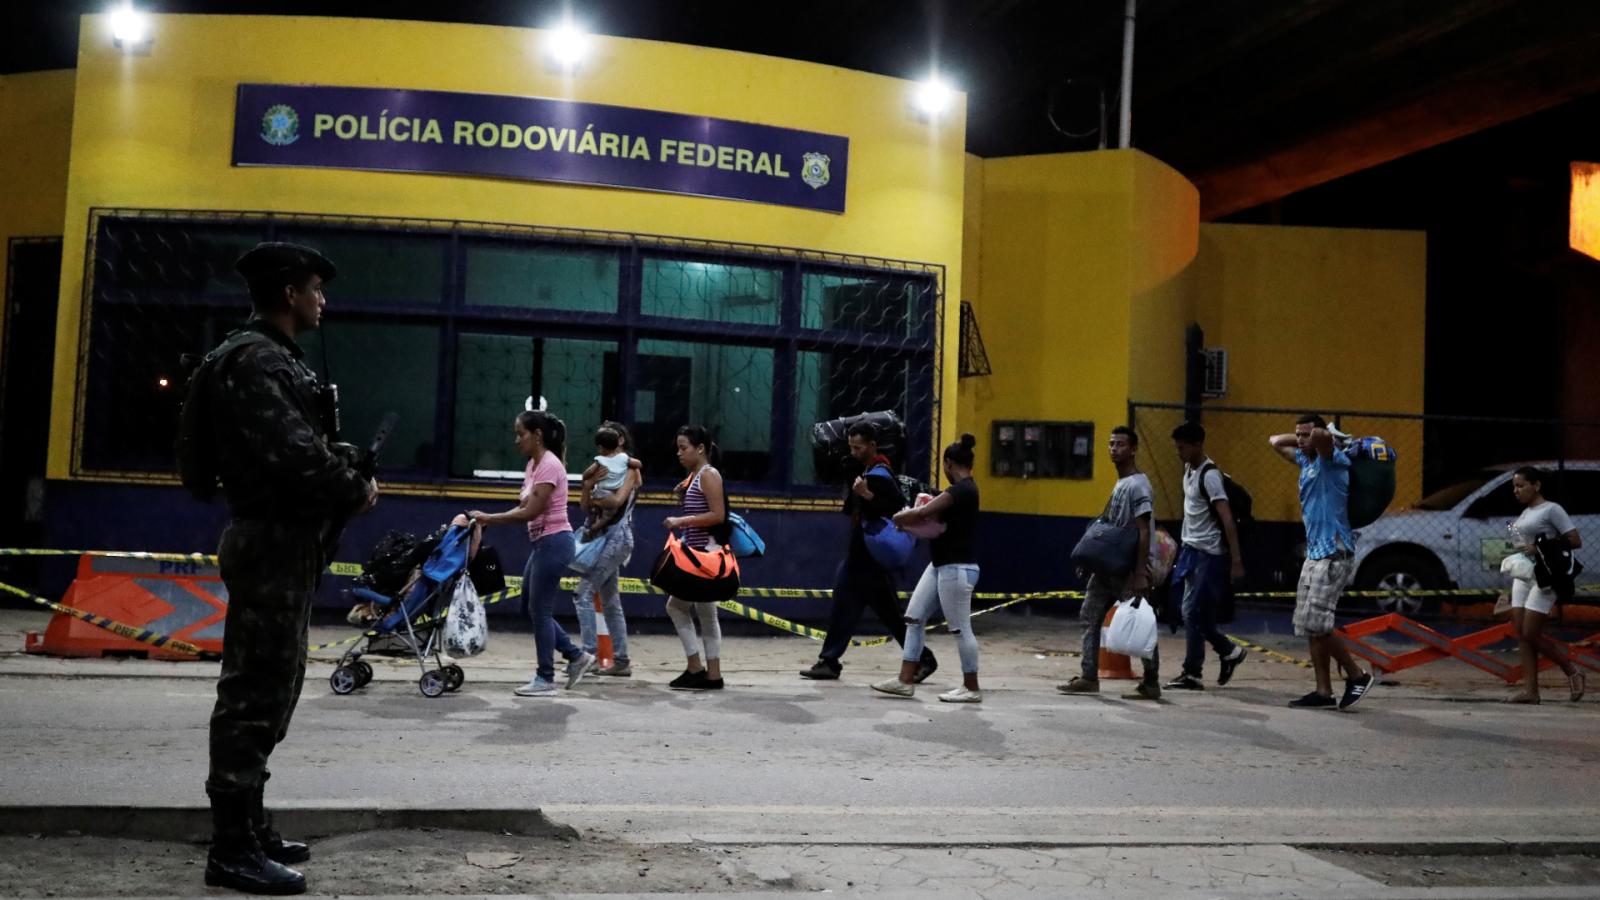 Reportajes 5 continentes - Un pasado en Venezuela y un futuro en Brasil - Escuchar ahora